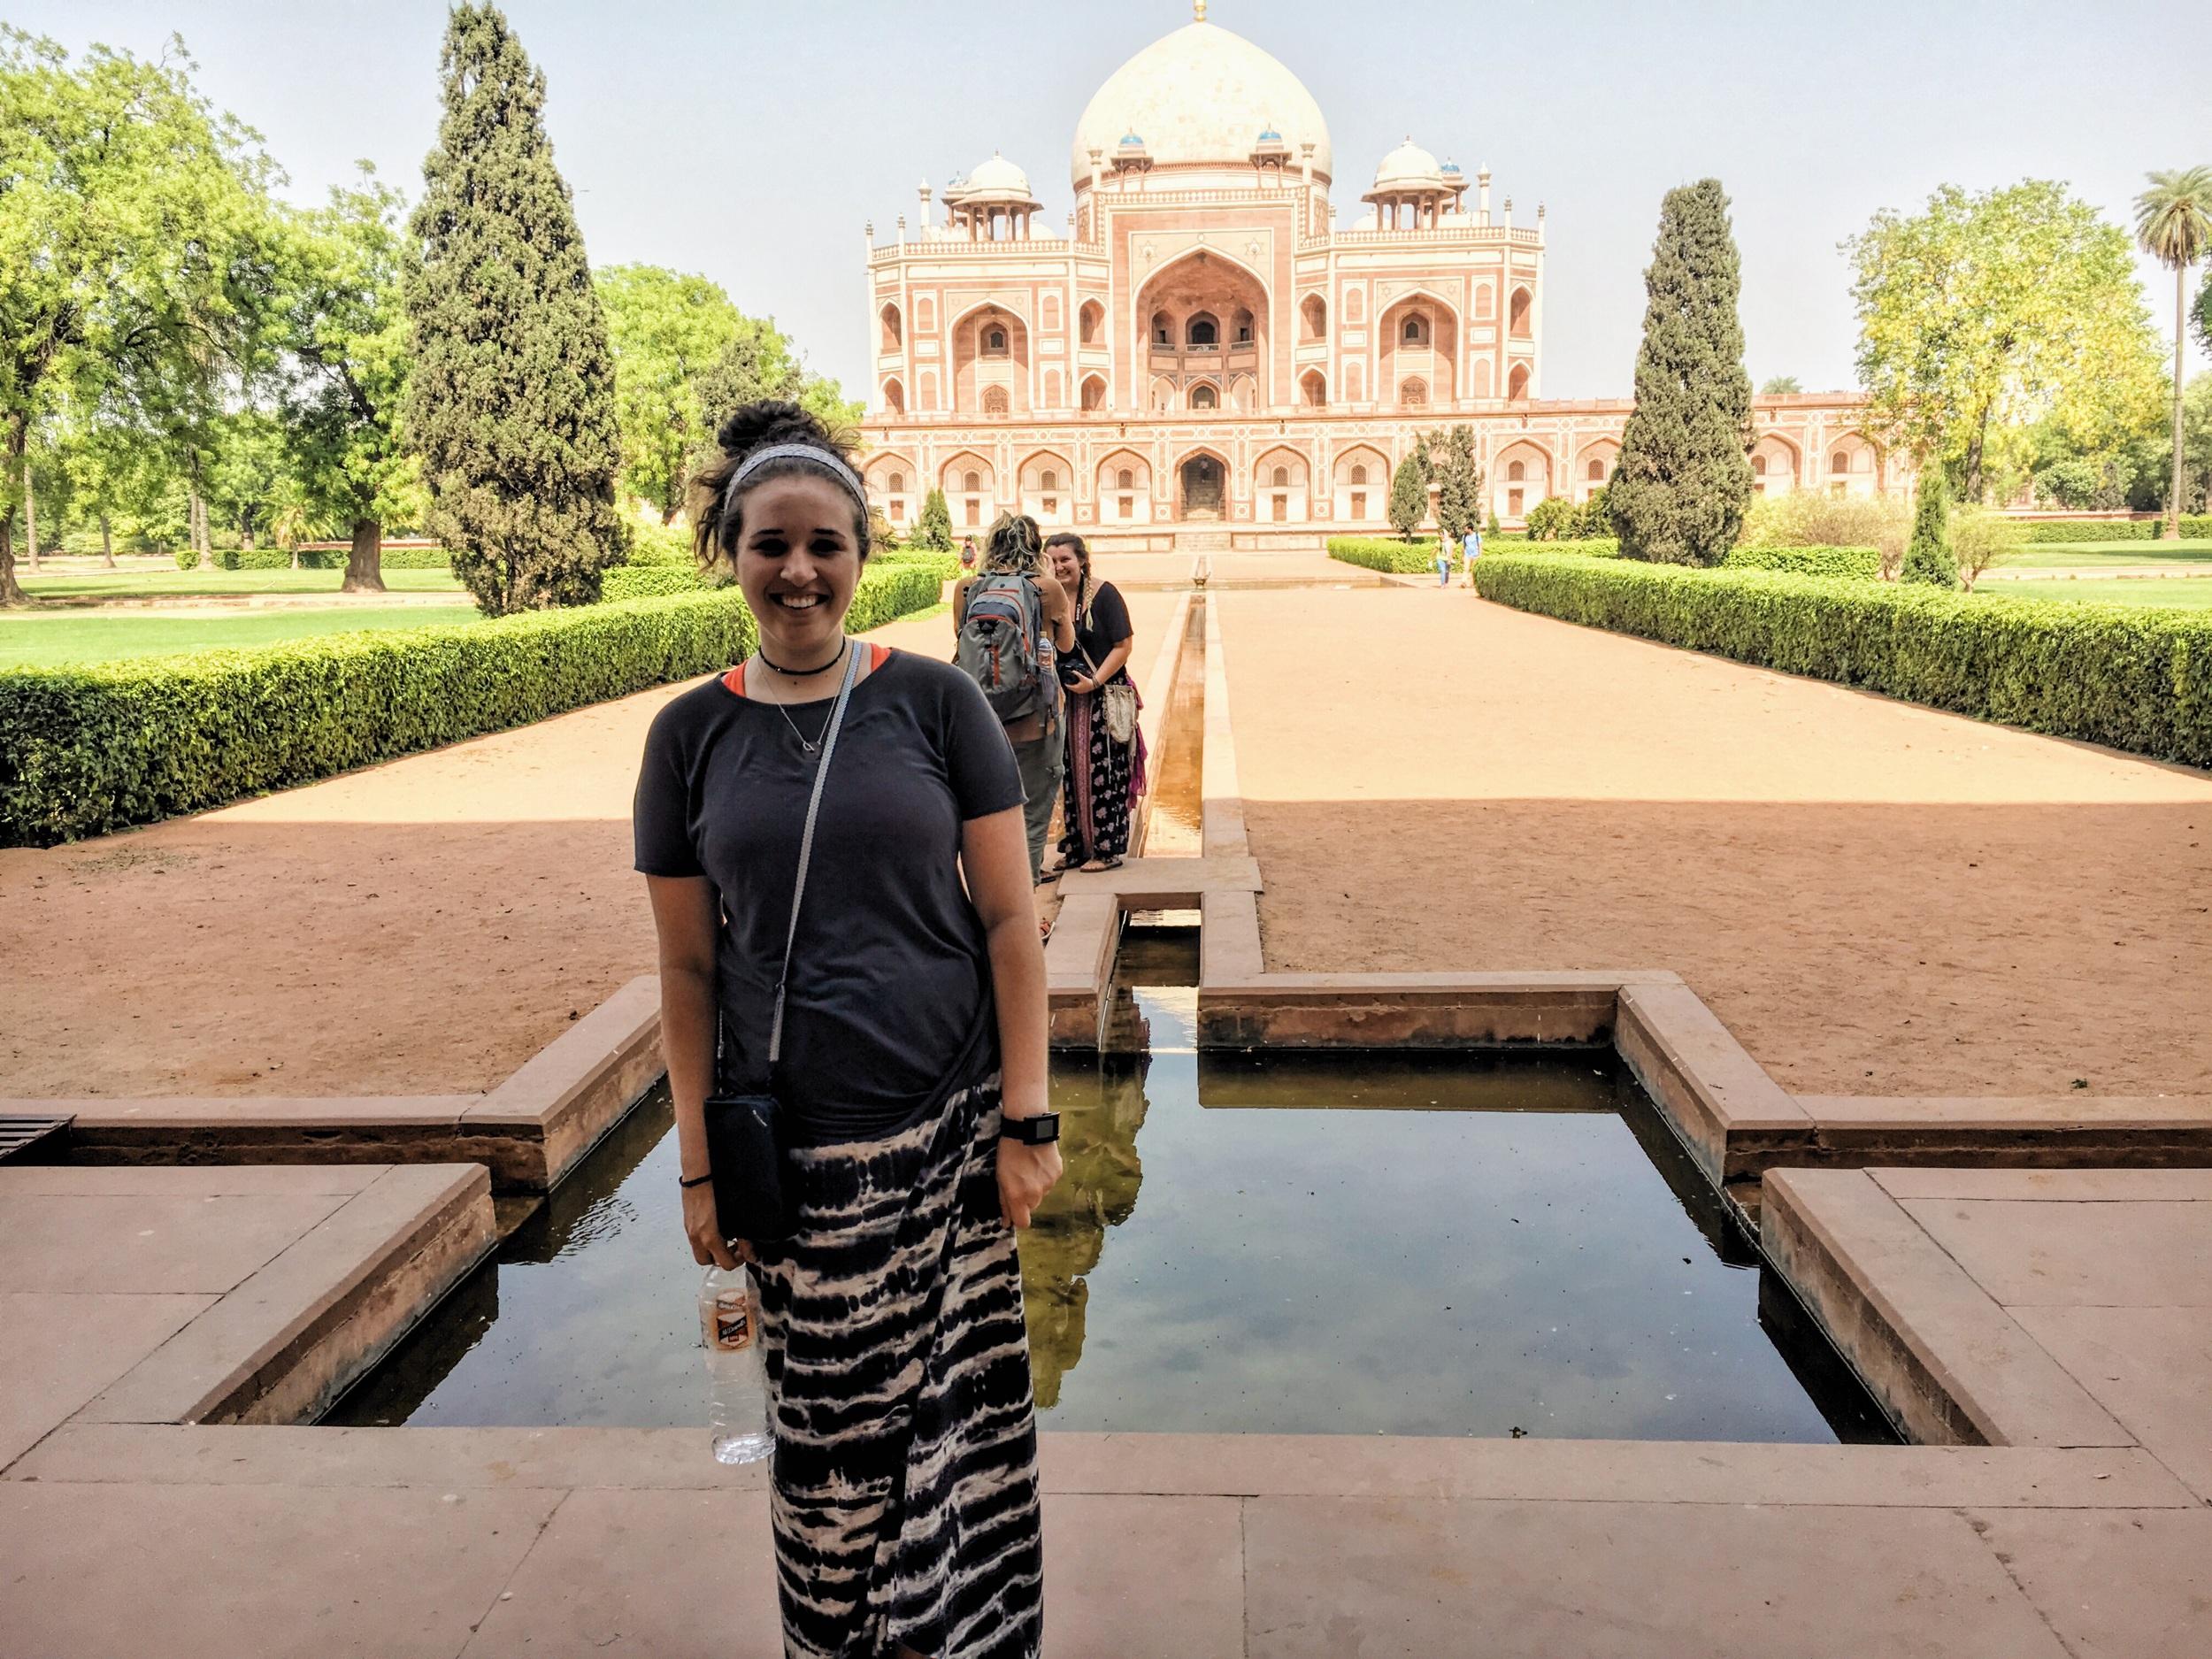 Humayans Tomb is a mini Taj Majal basically